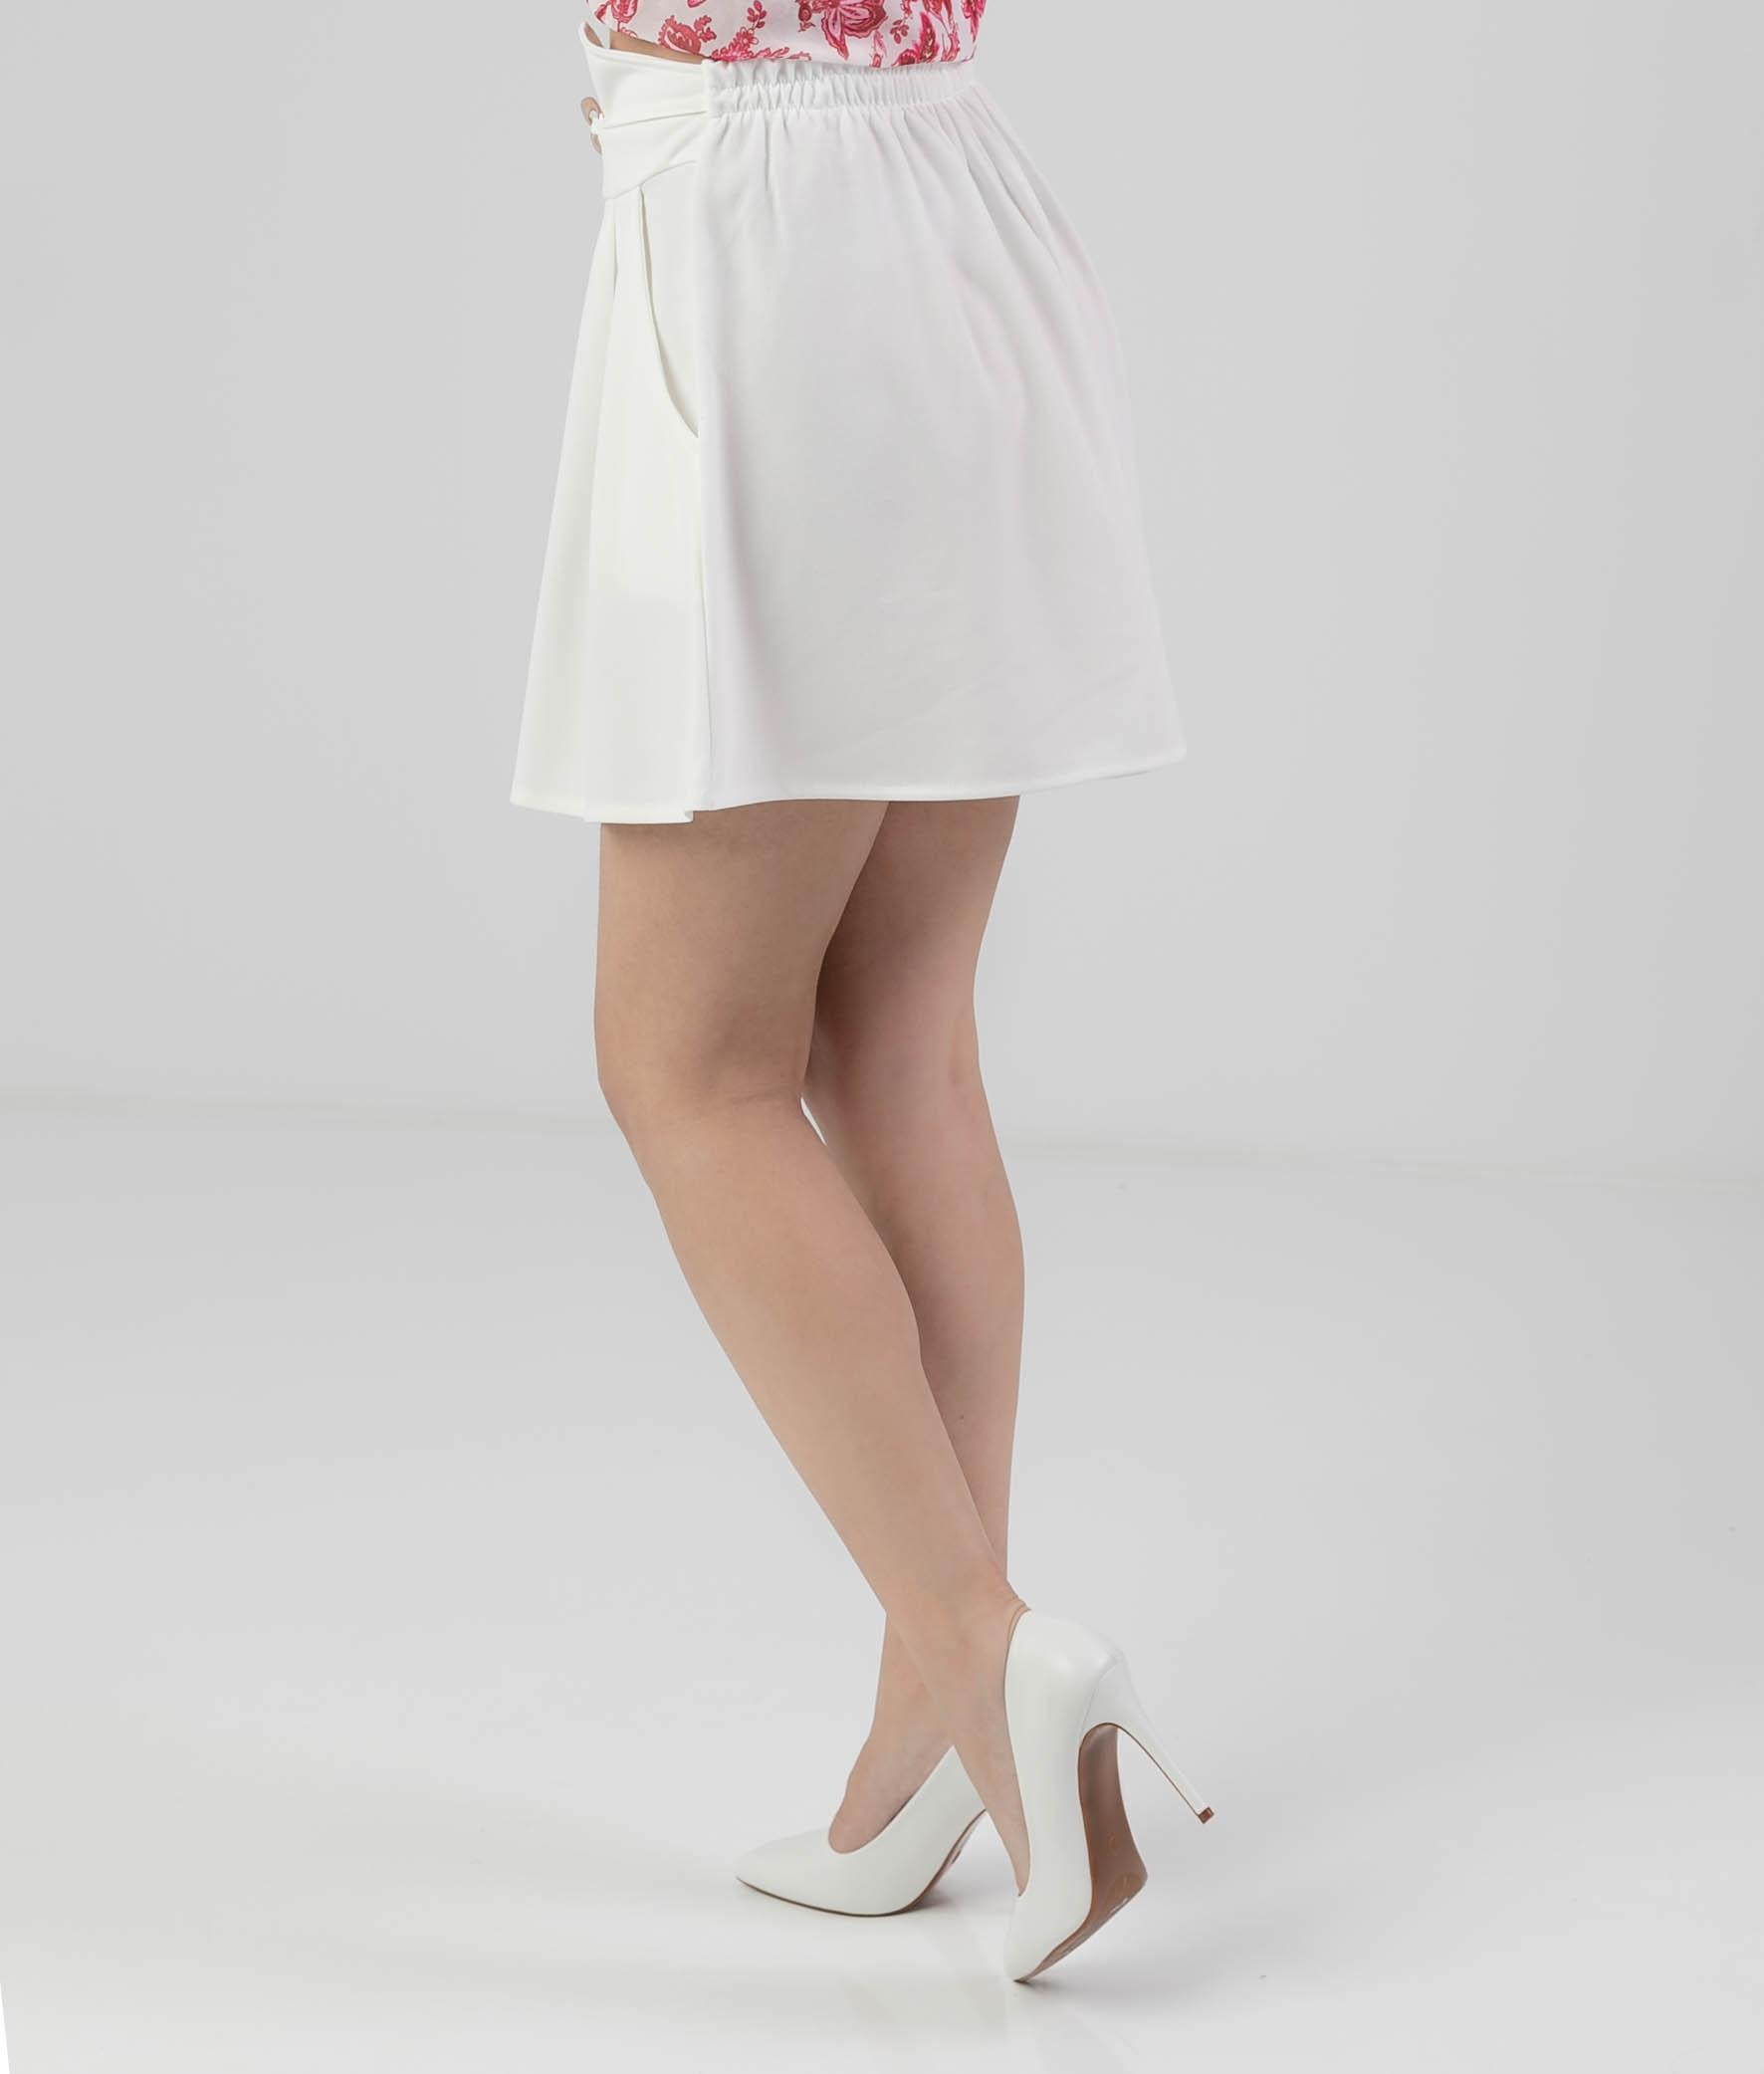 SHORT NIBICUS - WHITE